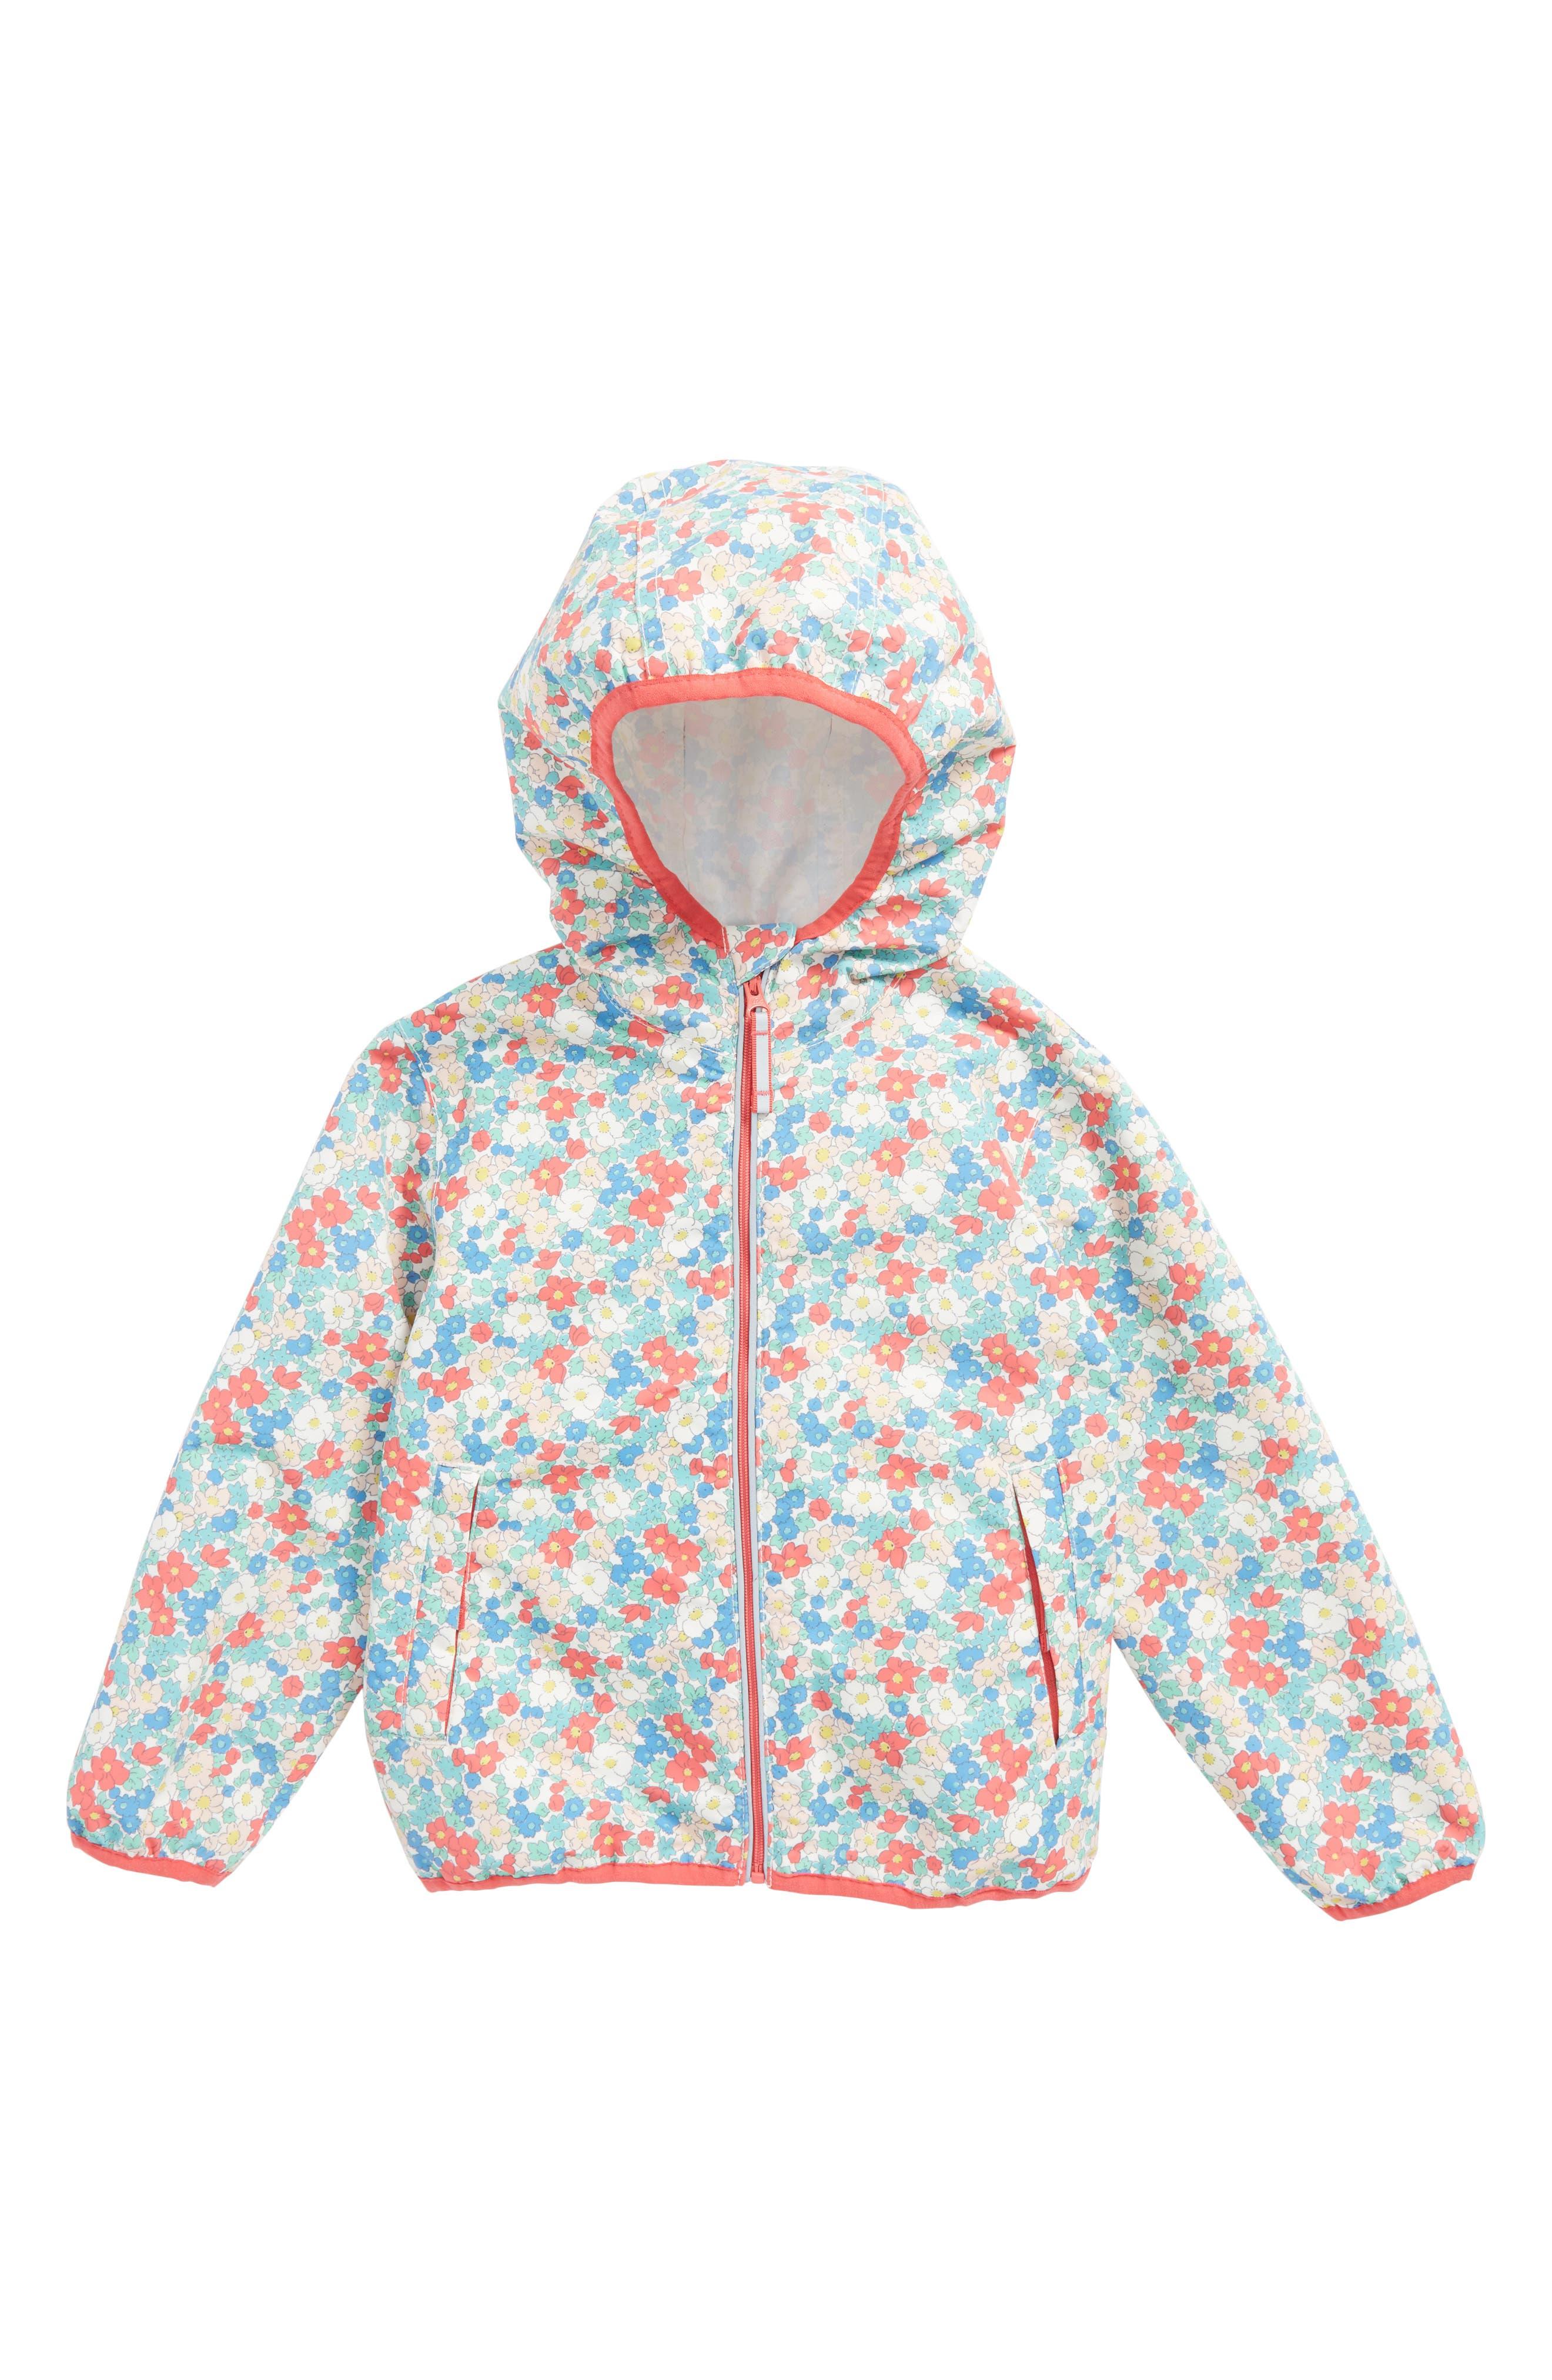 Packaway Waterproof Jacket,                         Main,                         color, Strawberry Pink Floral